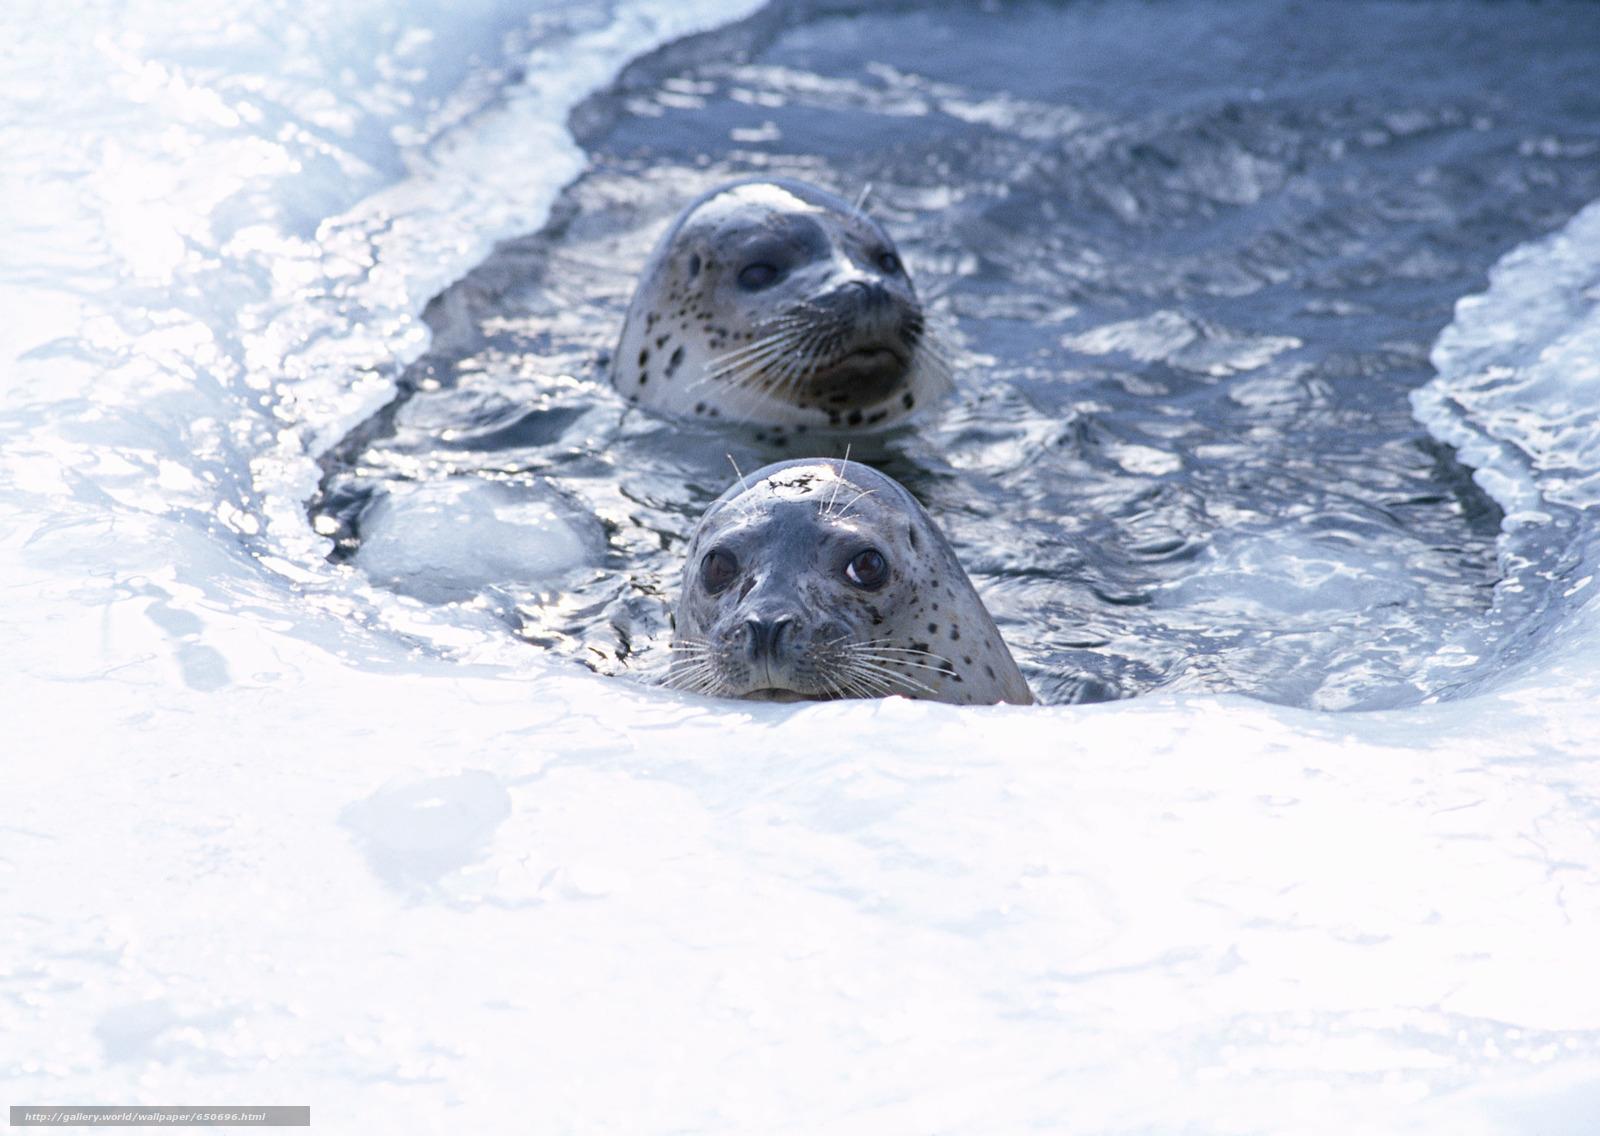 Скачать обои морской котик,  животные,  Антарктида,  снег бесплатно для рабочего стола в разрешении 2950x2094 — картинка №650696